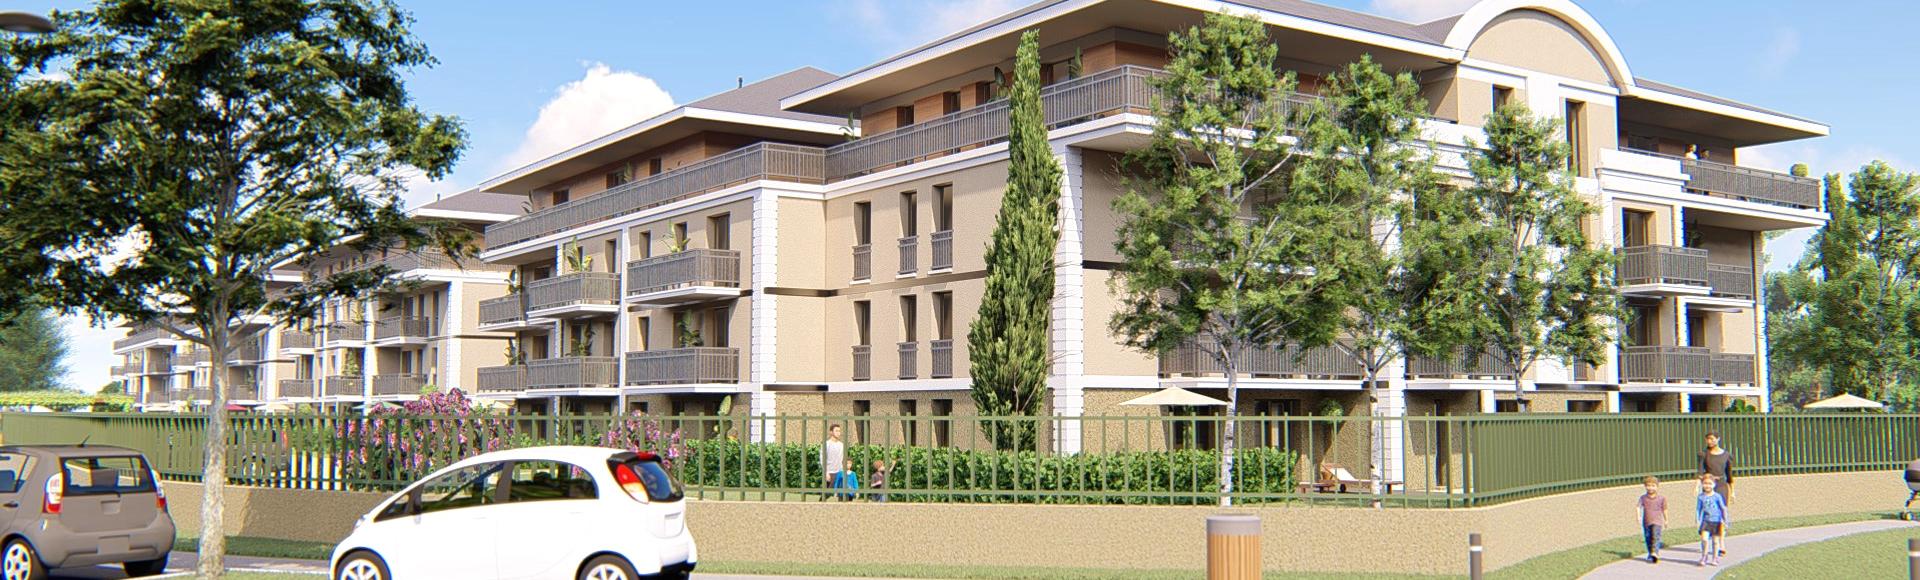 perspective d'architecture résidence bâtiments - Angers